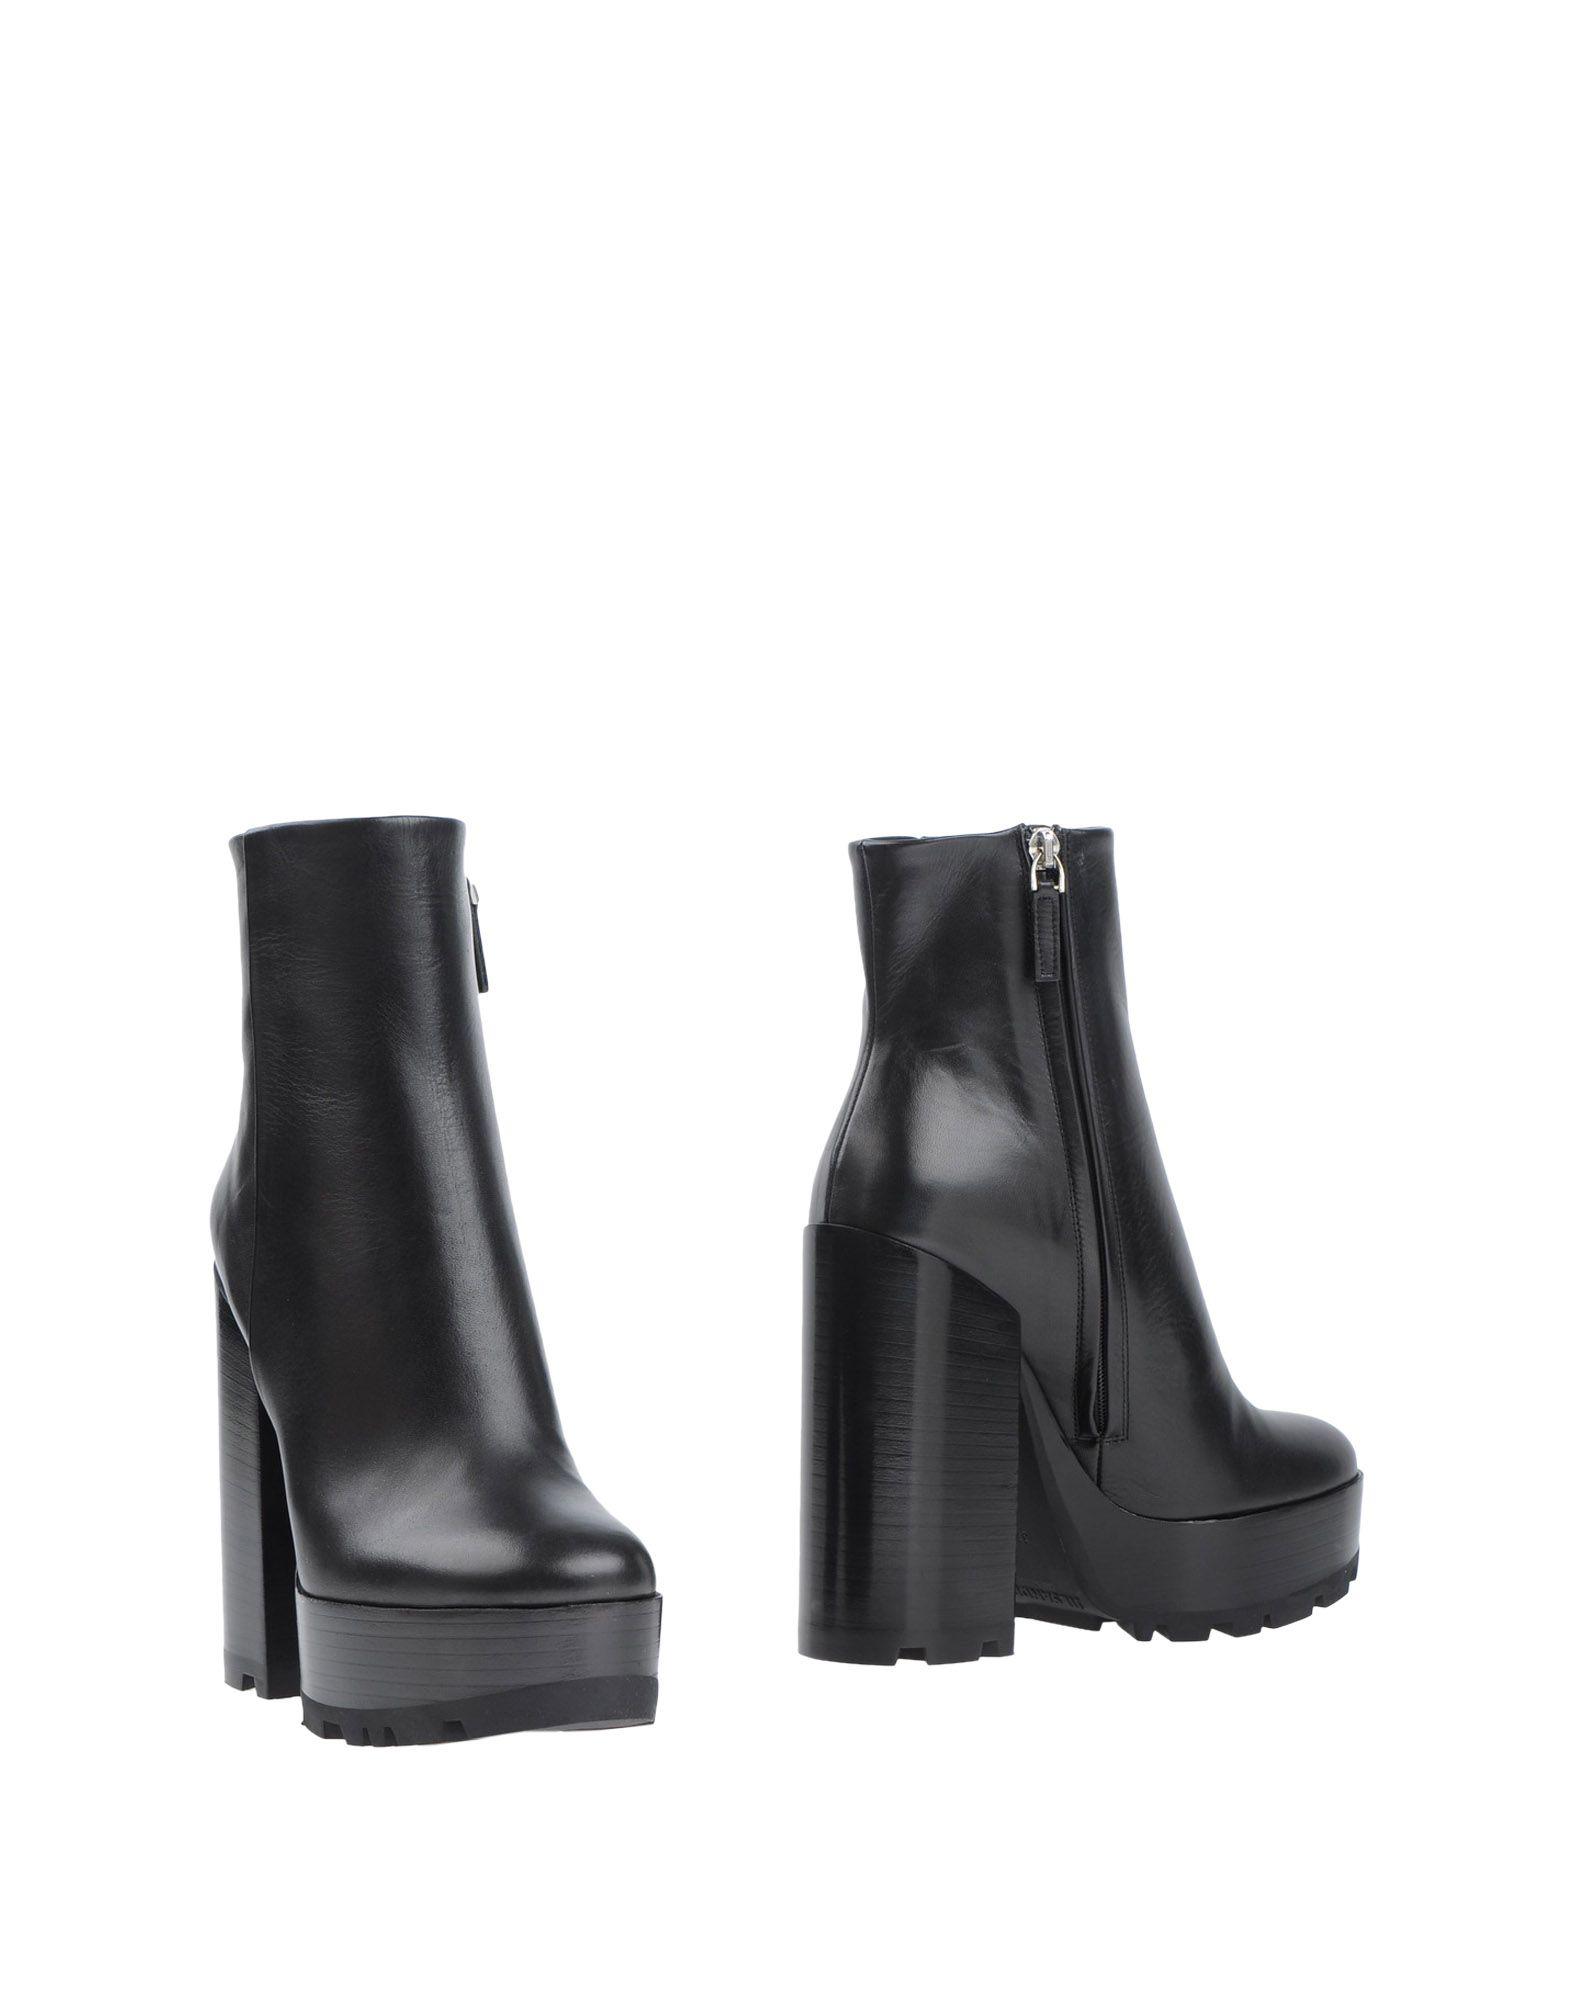 Jil Sander Stiefelette Damen  11330498CRGünstige gut aussehende Schuhe